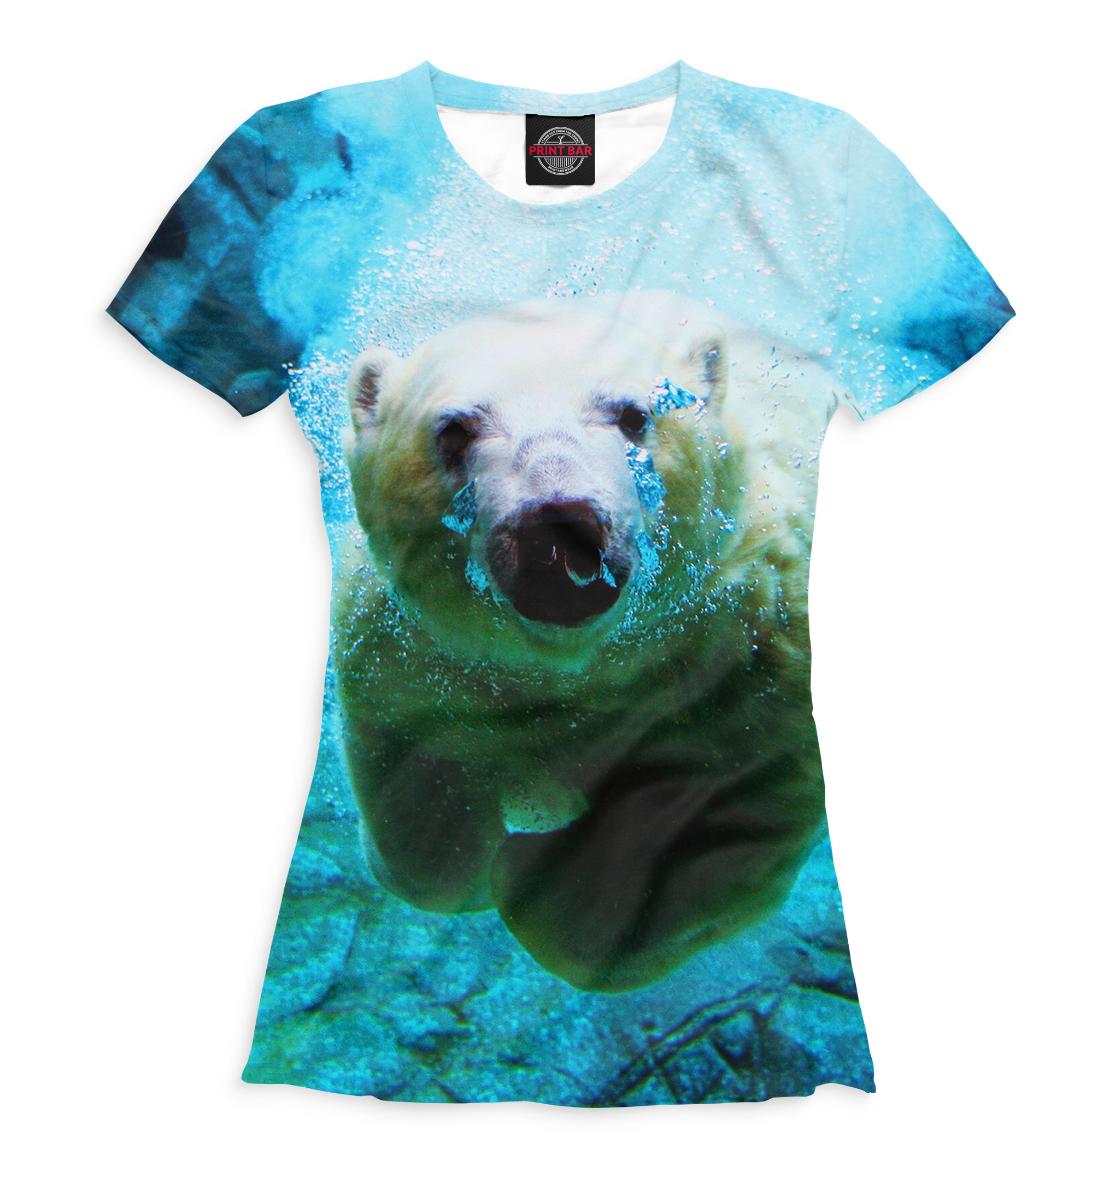 Купить Белый медведь под водой, Printbar, Футболки, MED-880953-fut-1